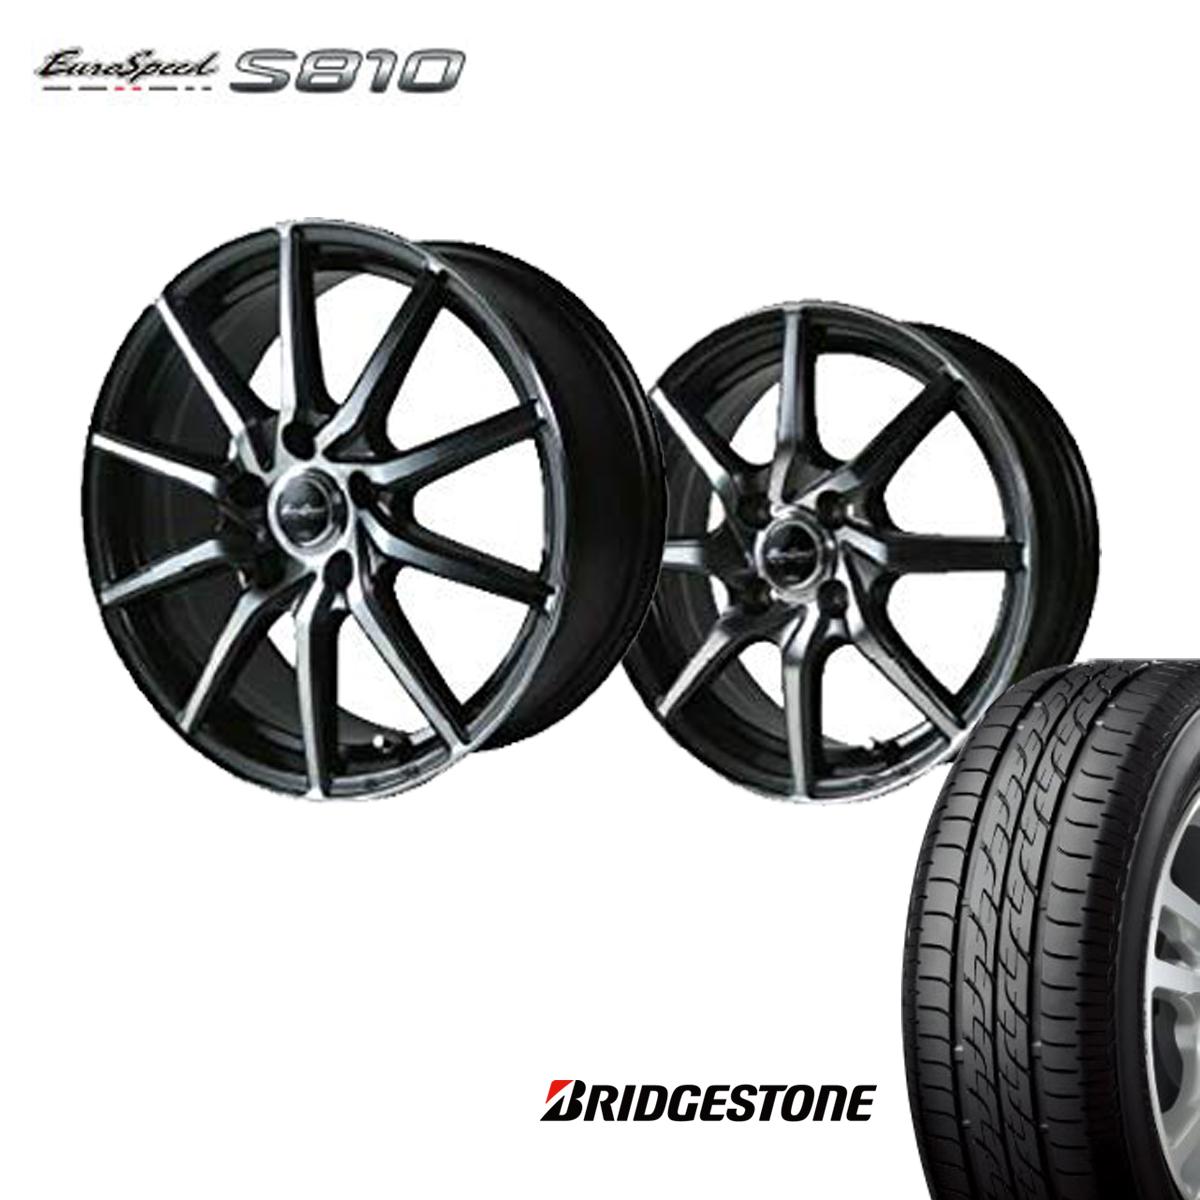 Euro Speed S810 タイヤ ホイール セット 1本 17インチ 5H100 7.0J+50 ユーロスピード S810 マナレイ スポーツ ブリヂストン 215/45R17 215 45 17